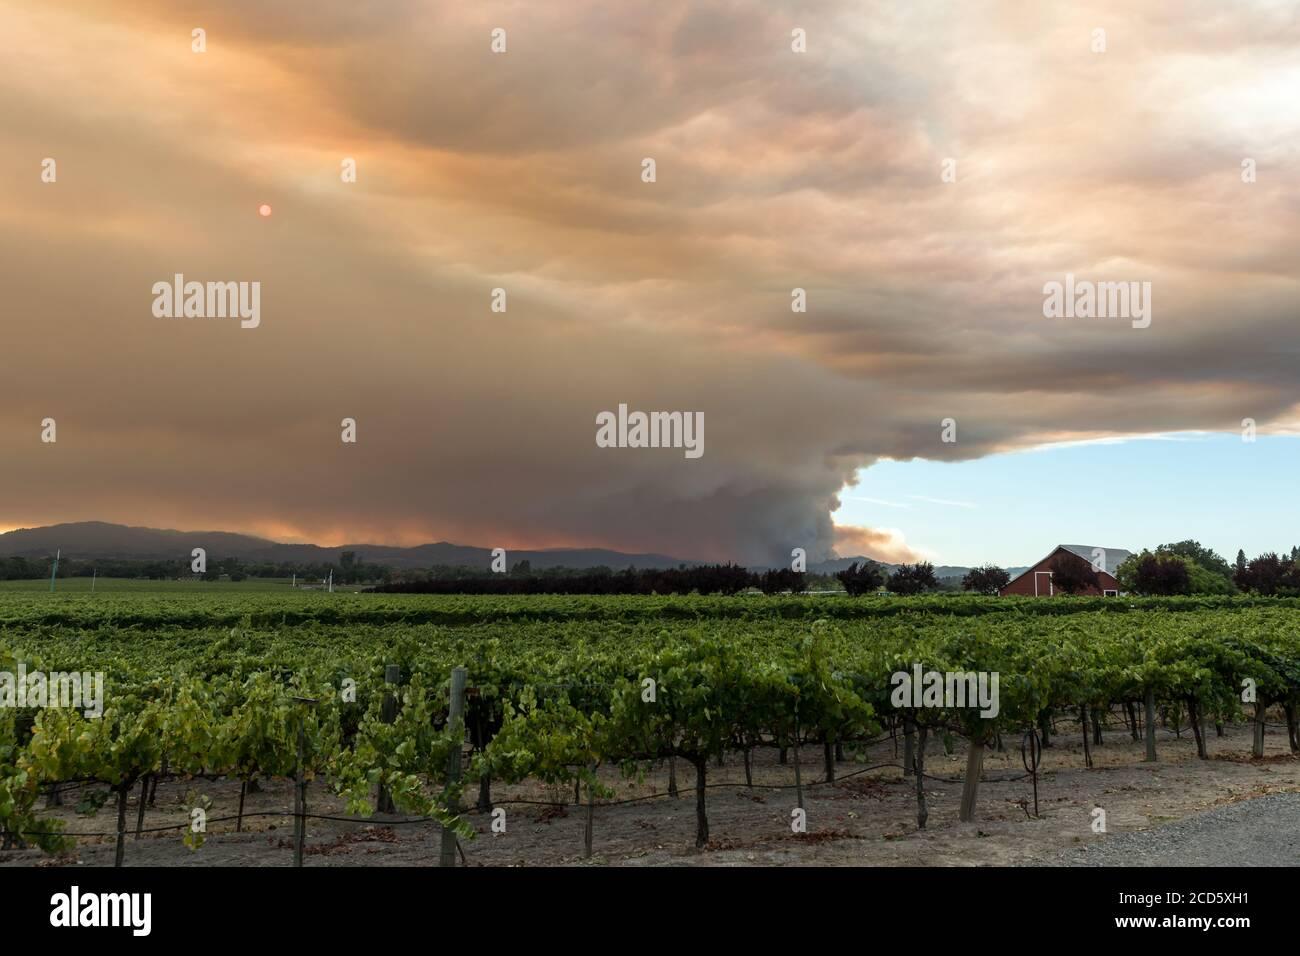 Conflagración del país del vino - amplia vista del humo que emana del Fuego de Walbridge detrás de uno de los muchos viñedos en la zona. Santa Rosa, CA, EE.UU Foto de stock